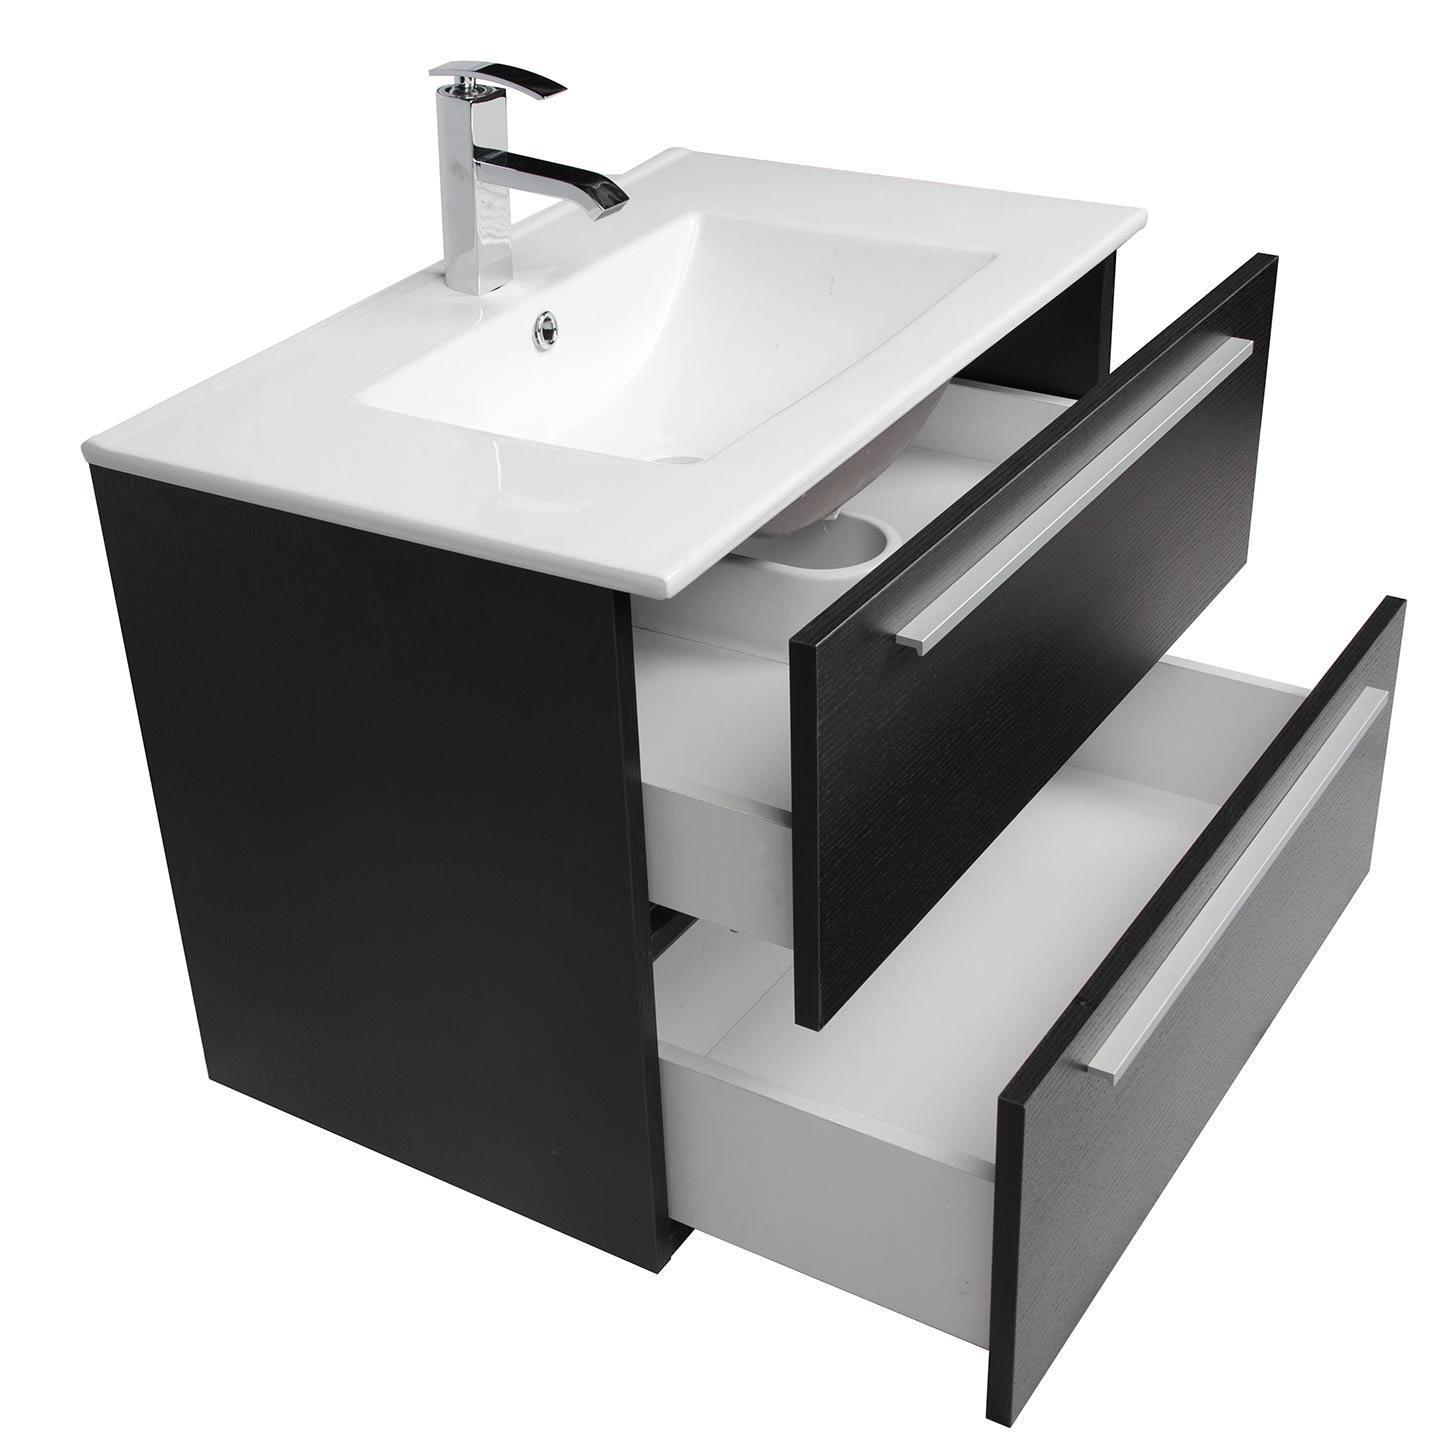 Buy Nola 29 5 Inch Wall Mount Modern Bathroom Vanity Espresso Tn T750c Wg On Conceptbaths Com Free Shipping